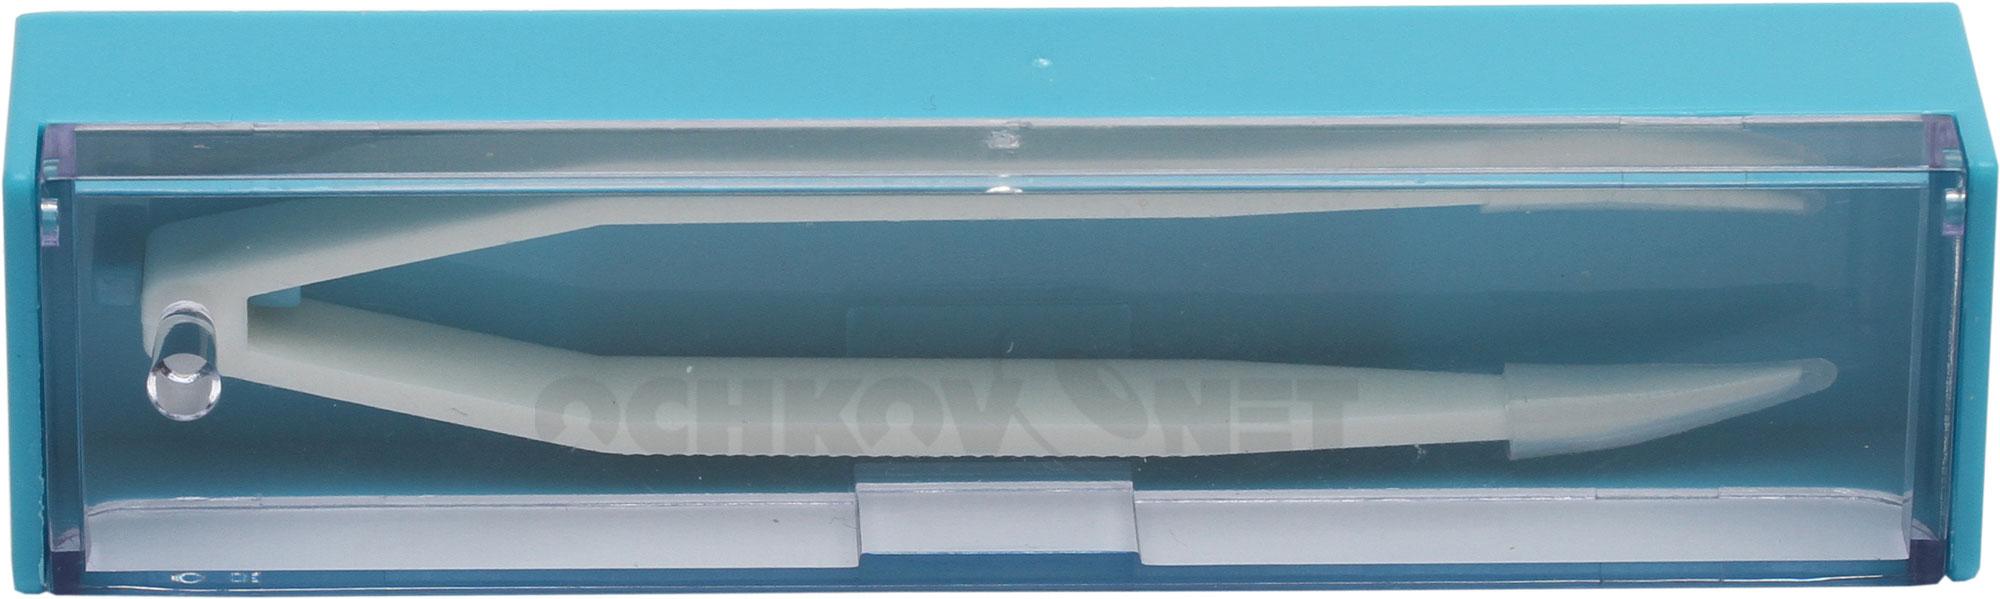 Пинцет средний белый в синем футляре 8 см PC-870